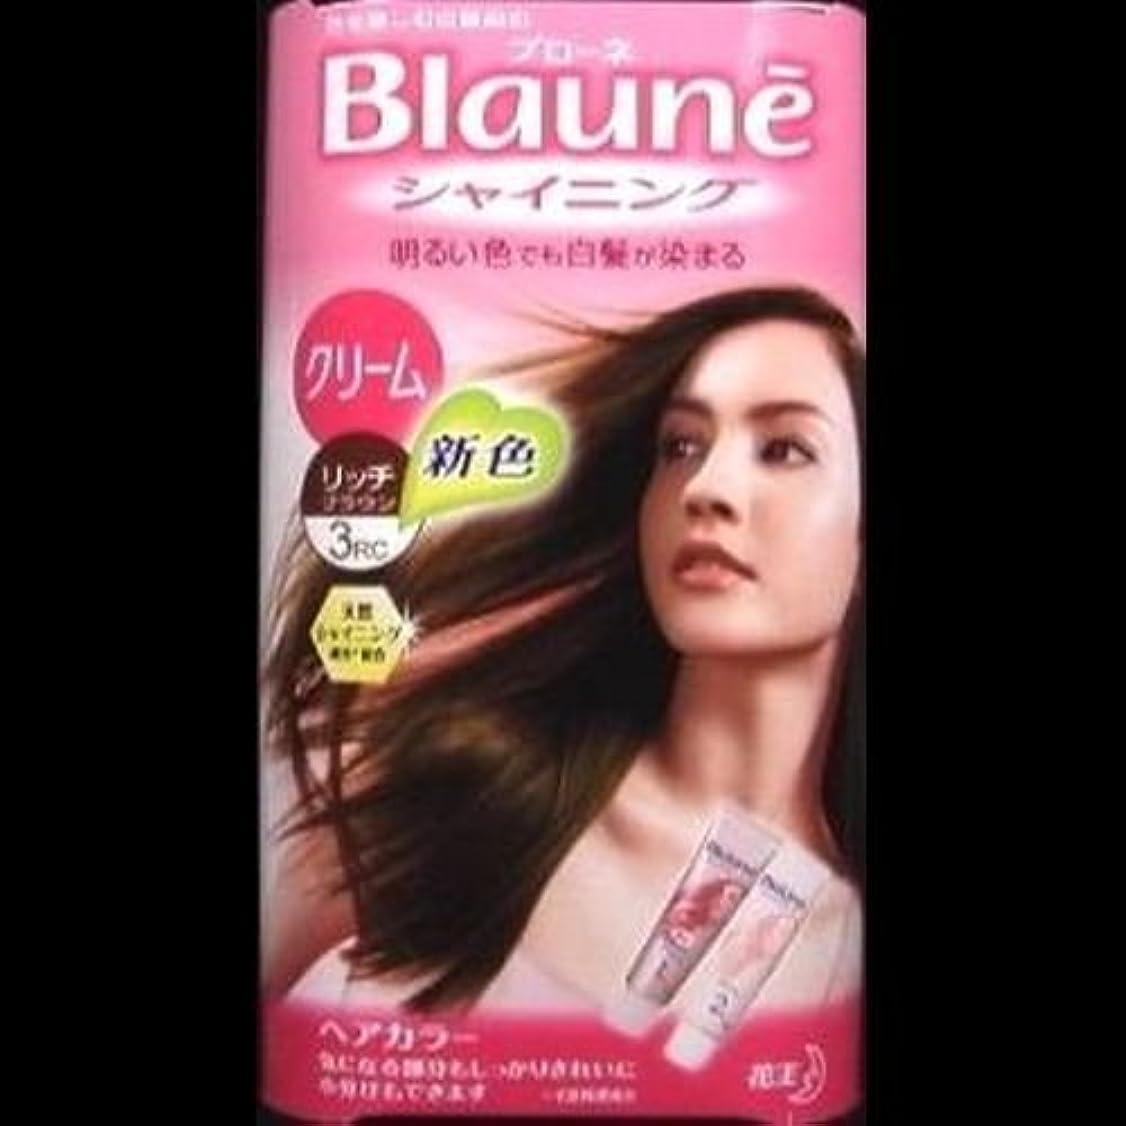 パイプ毒性キャスト【まとめ買い】ブローネシャイニングヘアカラークリーム 3RC リッチブラウン ×2セット